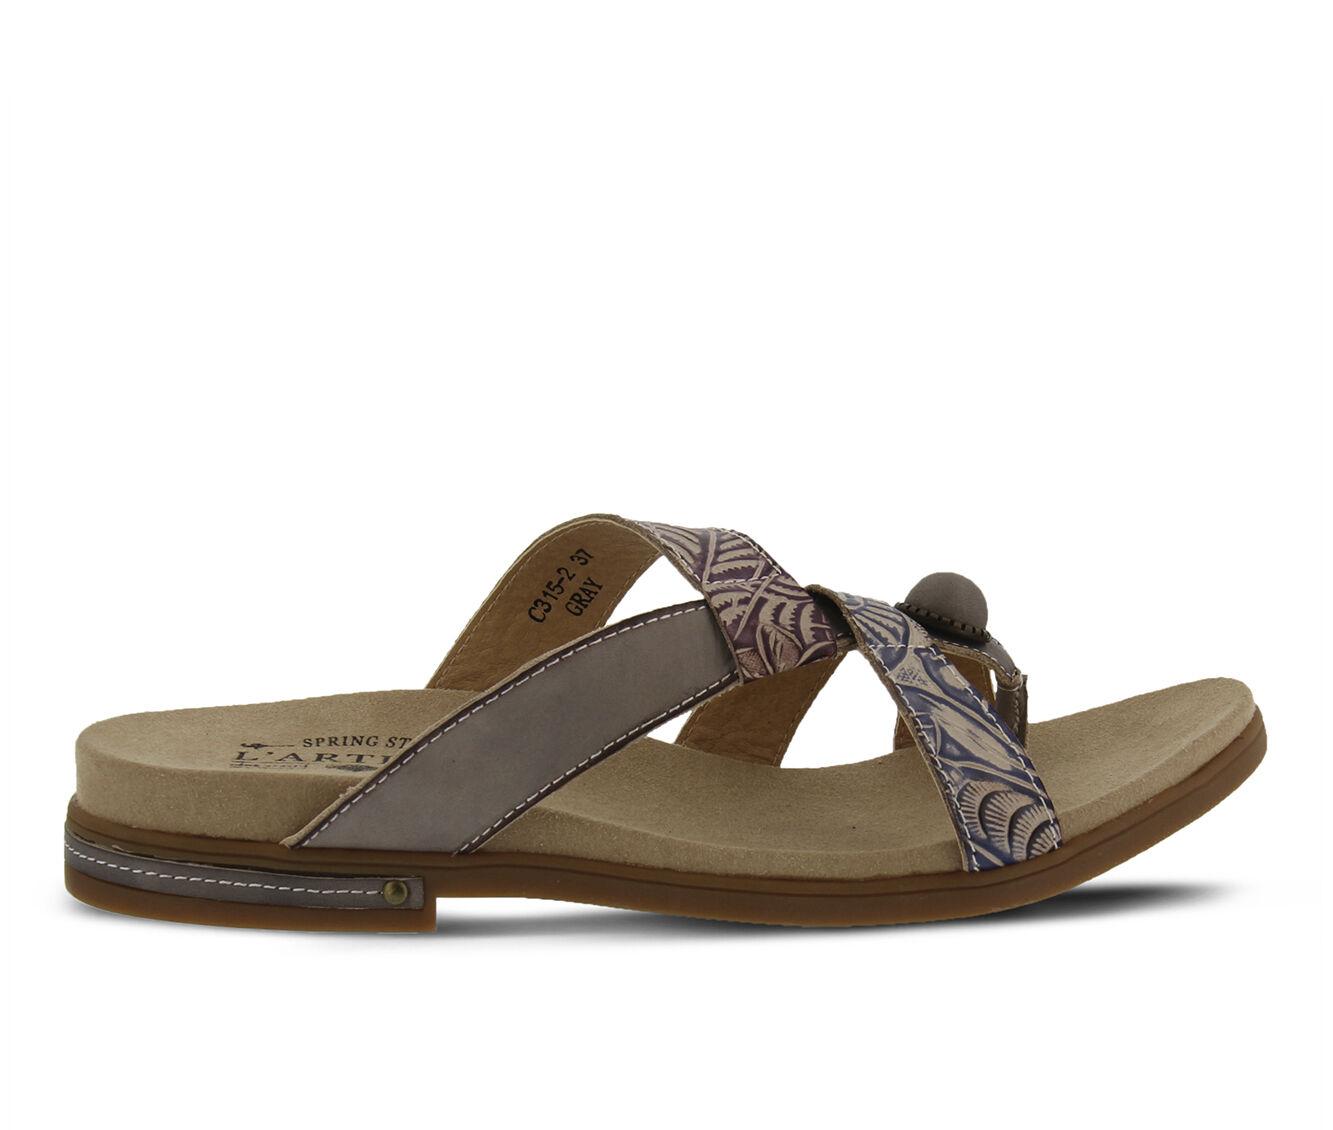 Women's L'ARTISTE Pierce Sandals Grey Multi